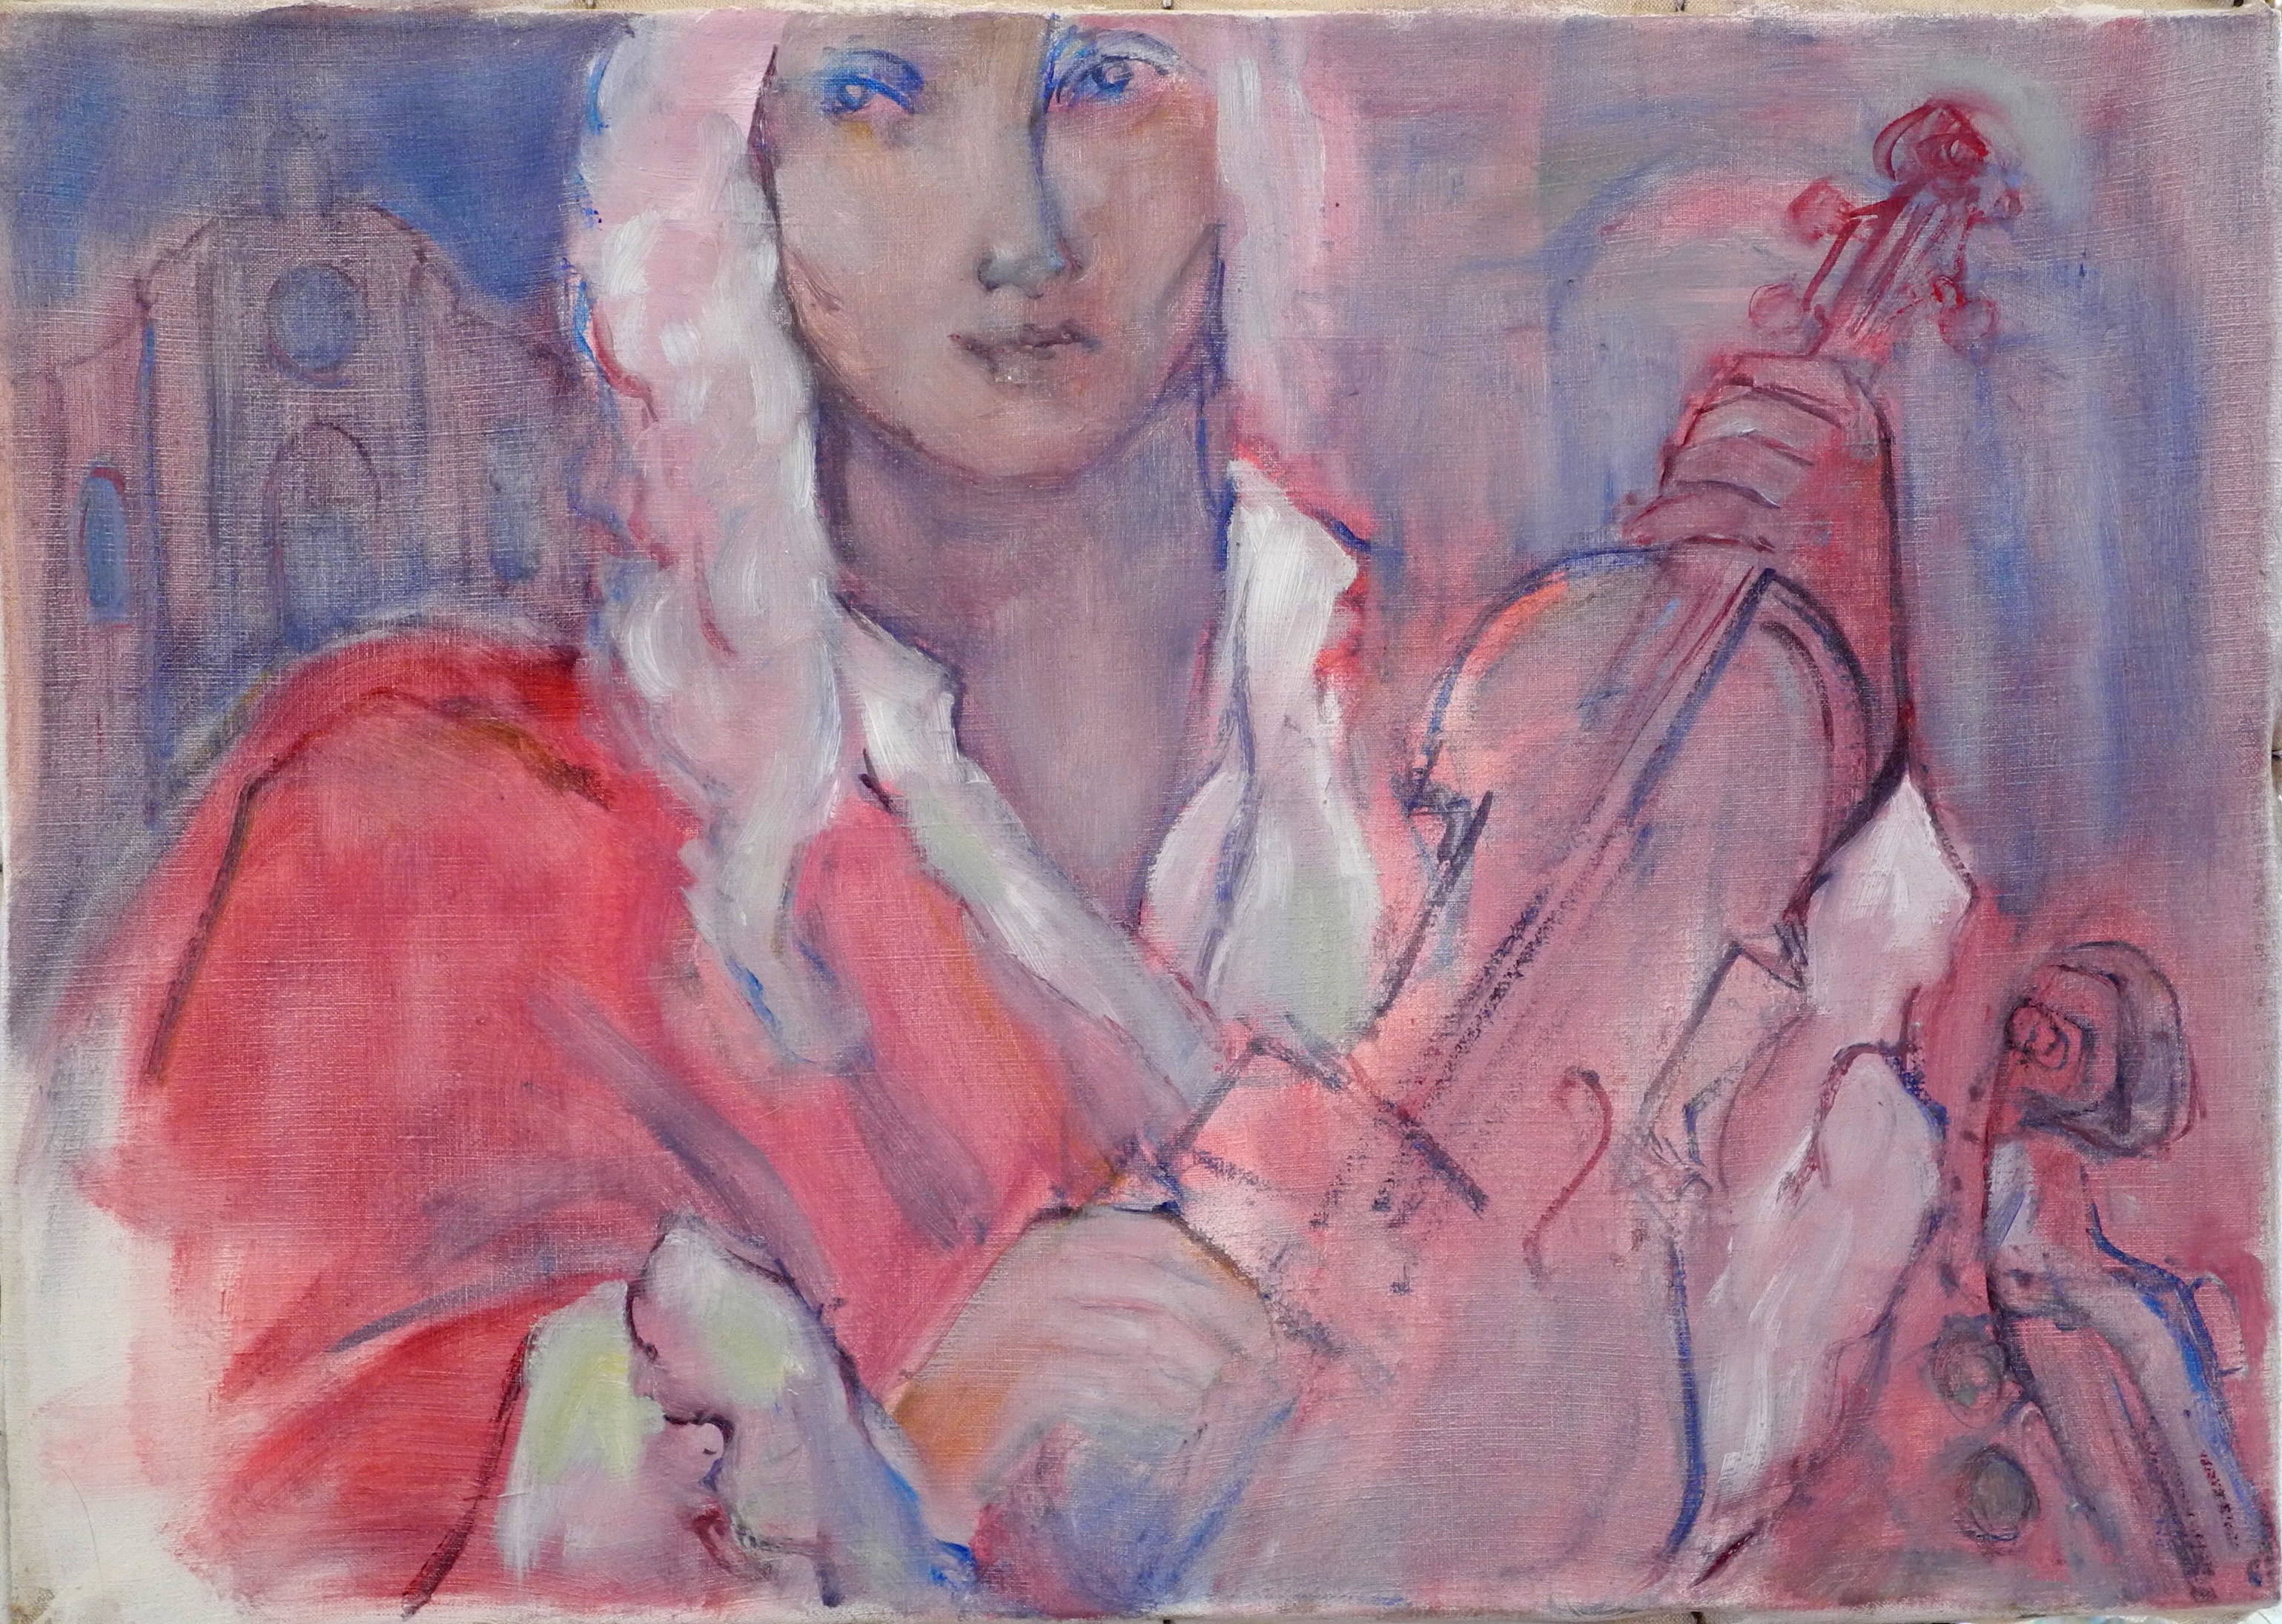 Appel aux artistes pour l'exposition thématique de la fin de l'année  : ambiance vénitienne